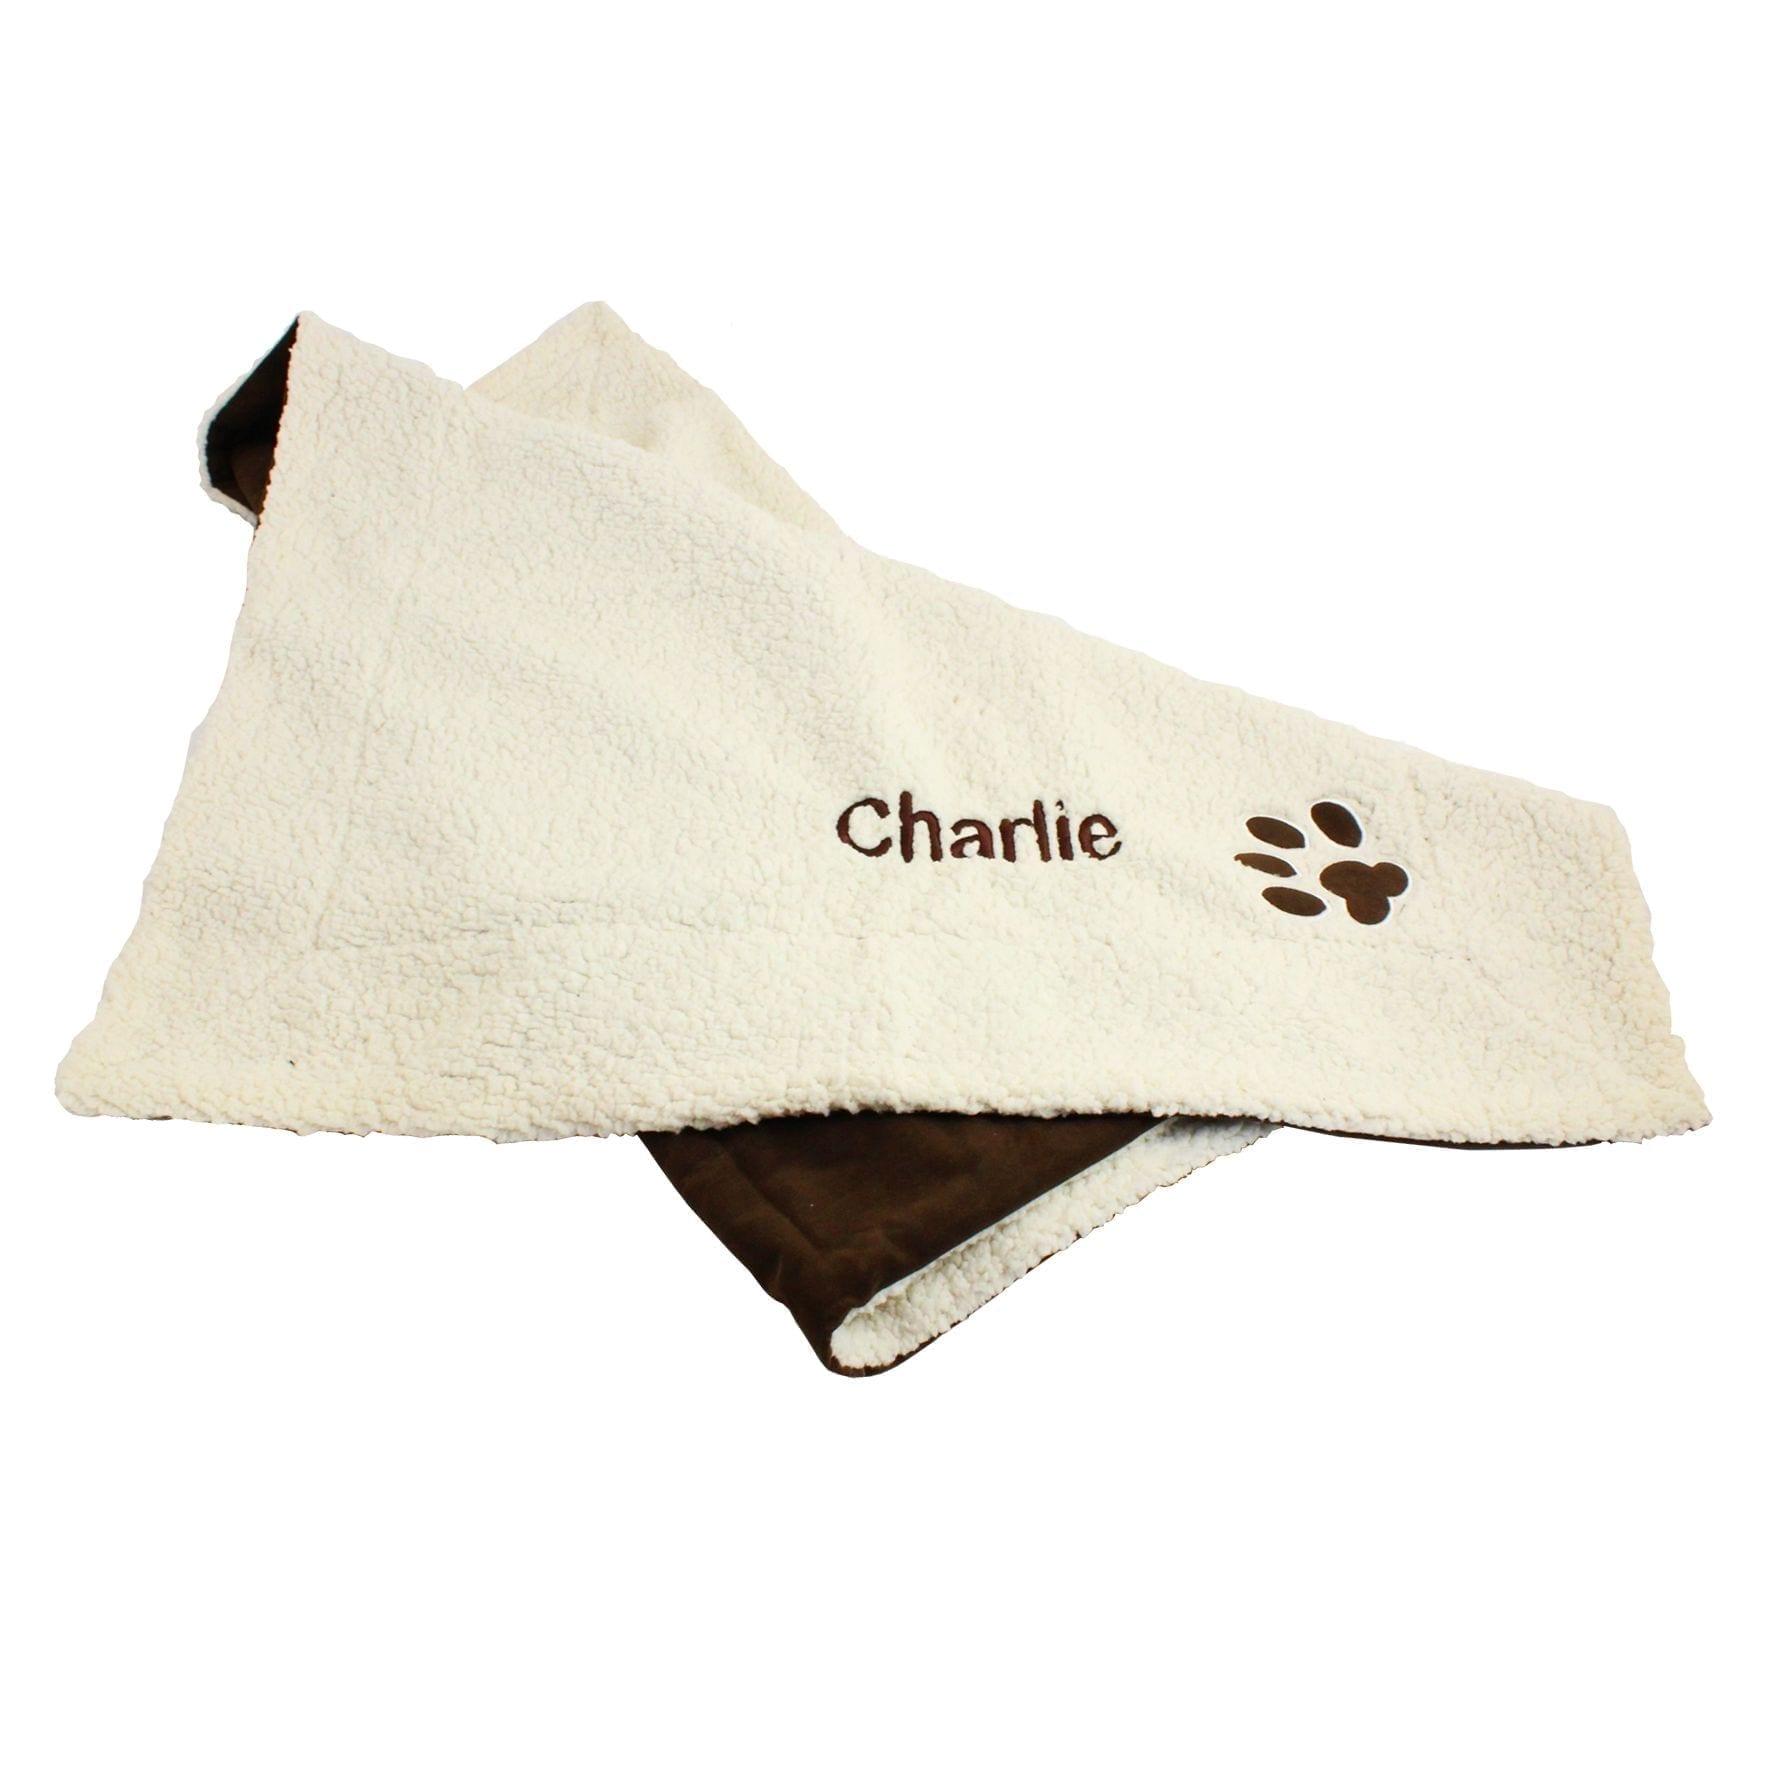 luxury-dog-blanket-mat-9809-p.jpg